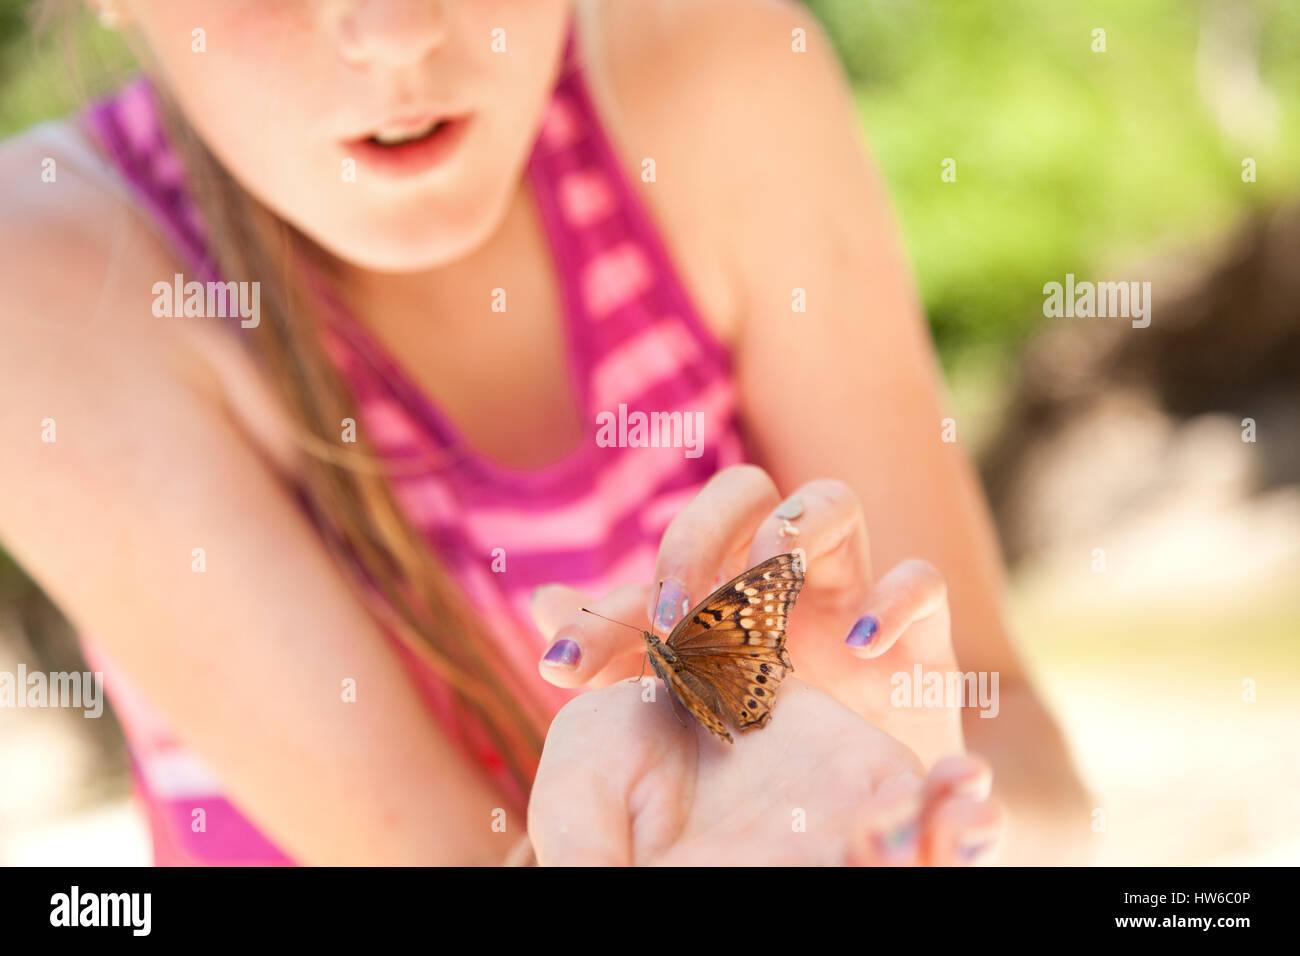 Ragazza con farfalla in mano Immagini Stock